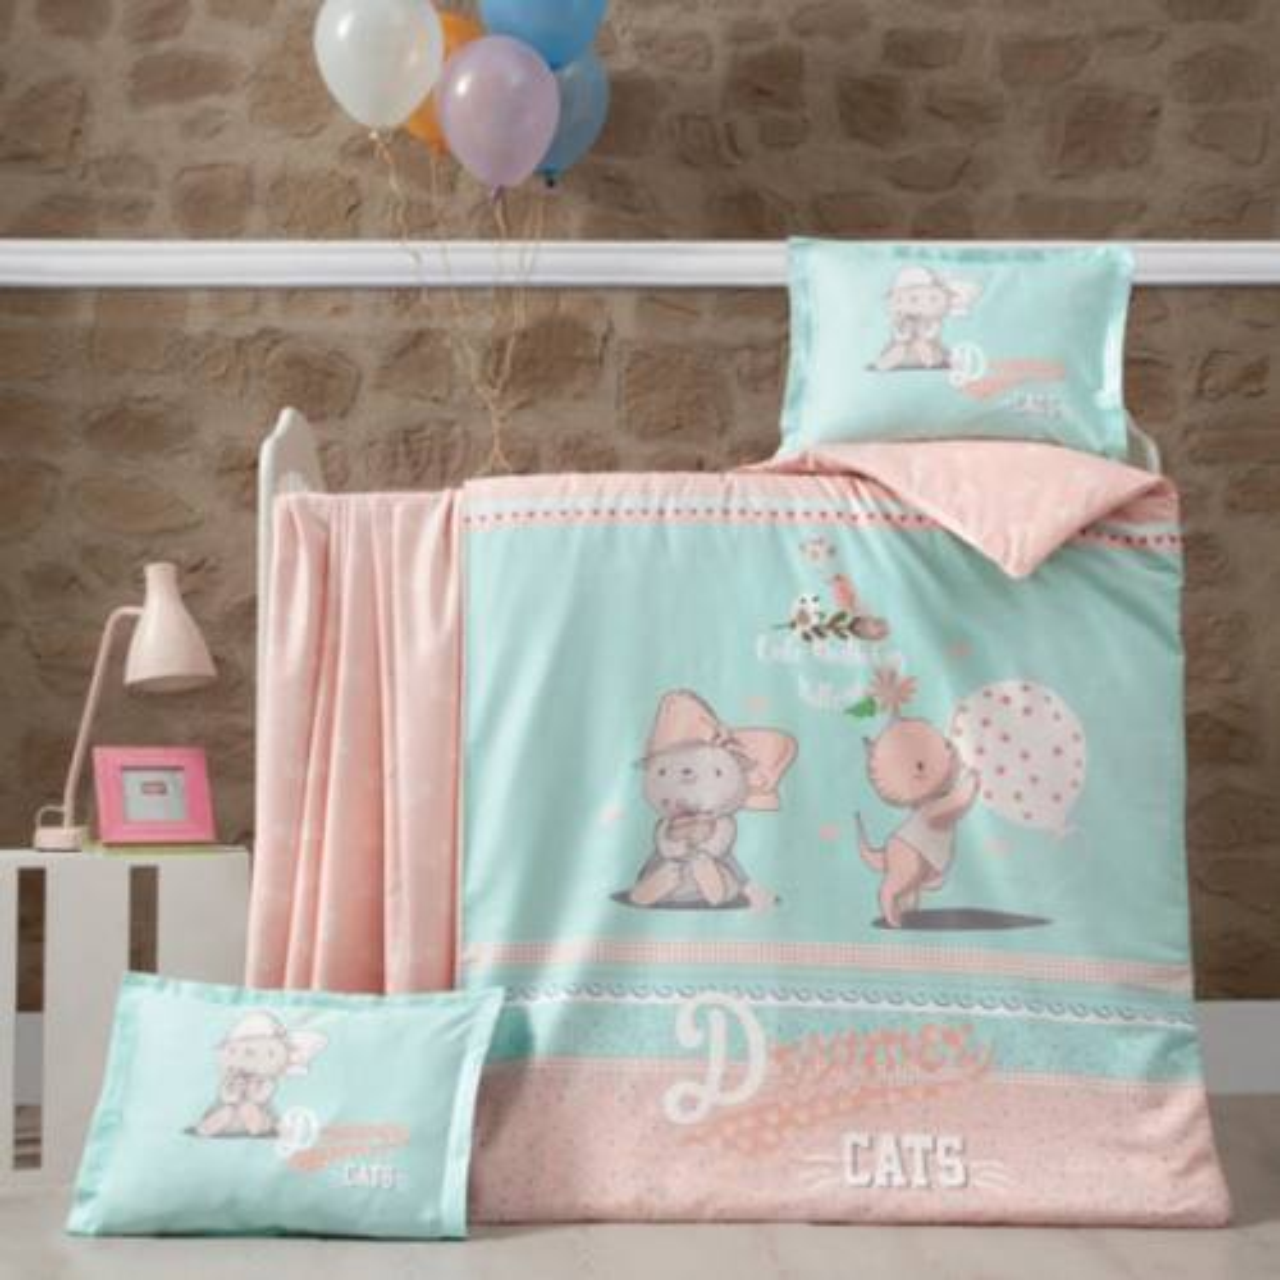 سرویس خواب نوزادی لوکا پاتیسکا مدل Kity گلبه ای 4 تکه